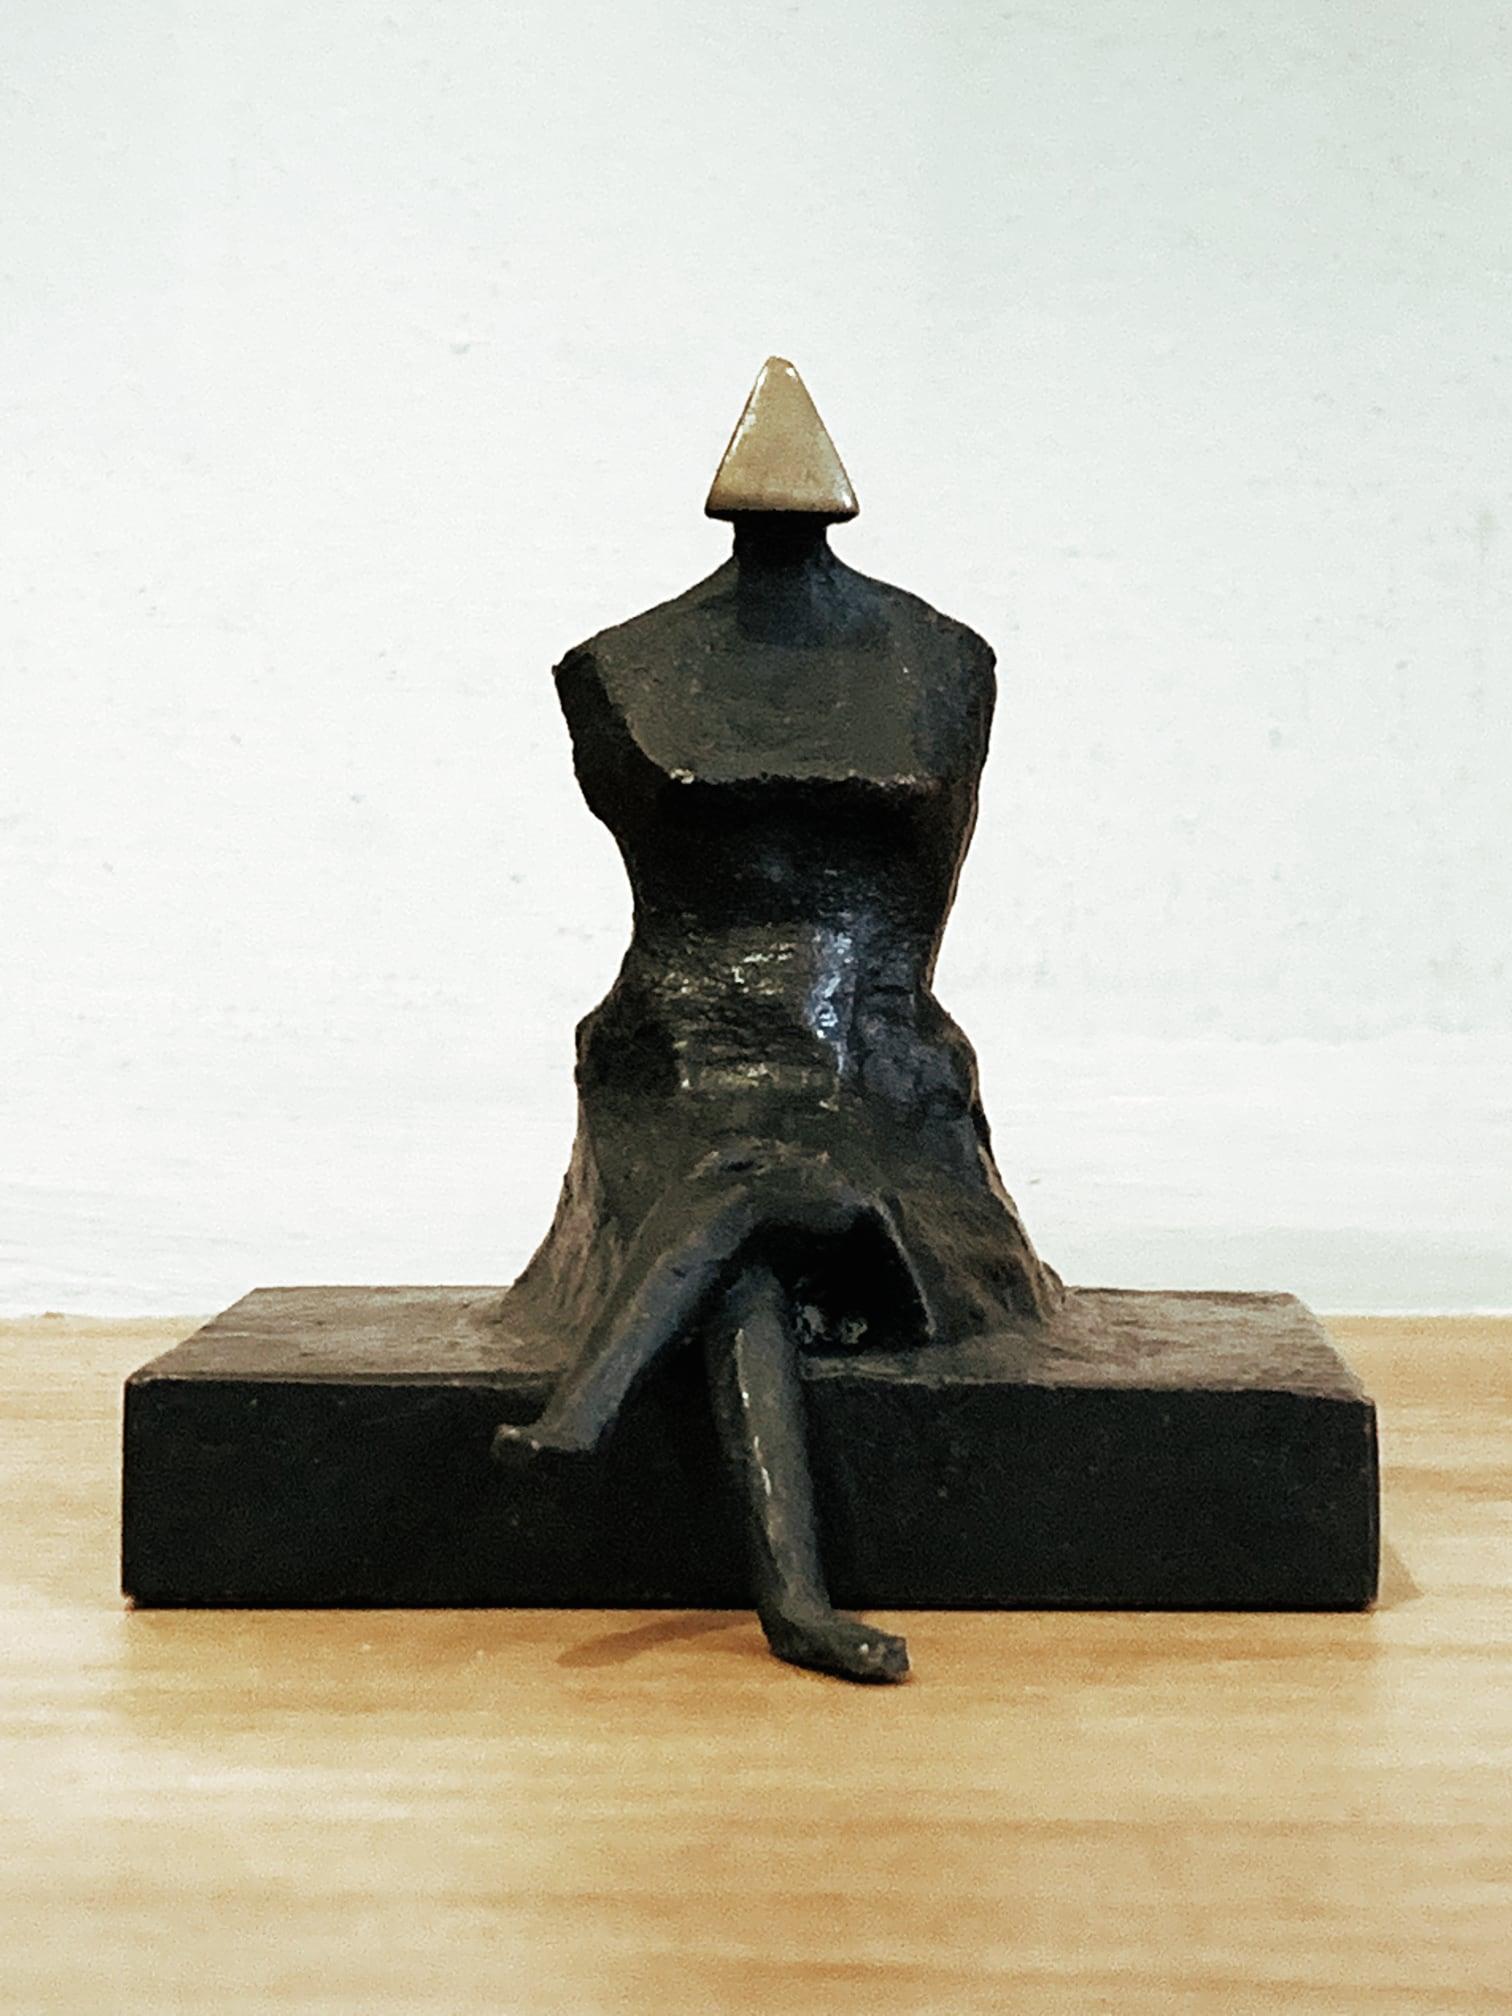 Miniature Figure III by Lynn Chadwick